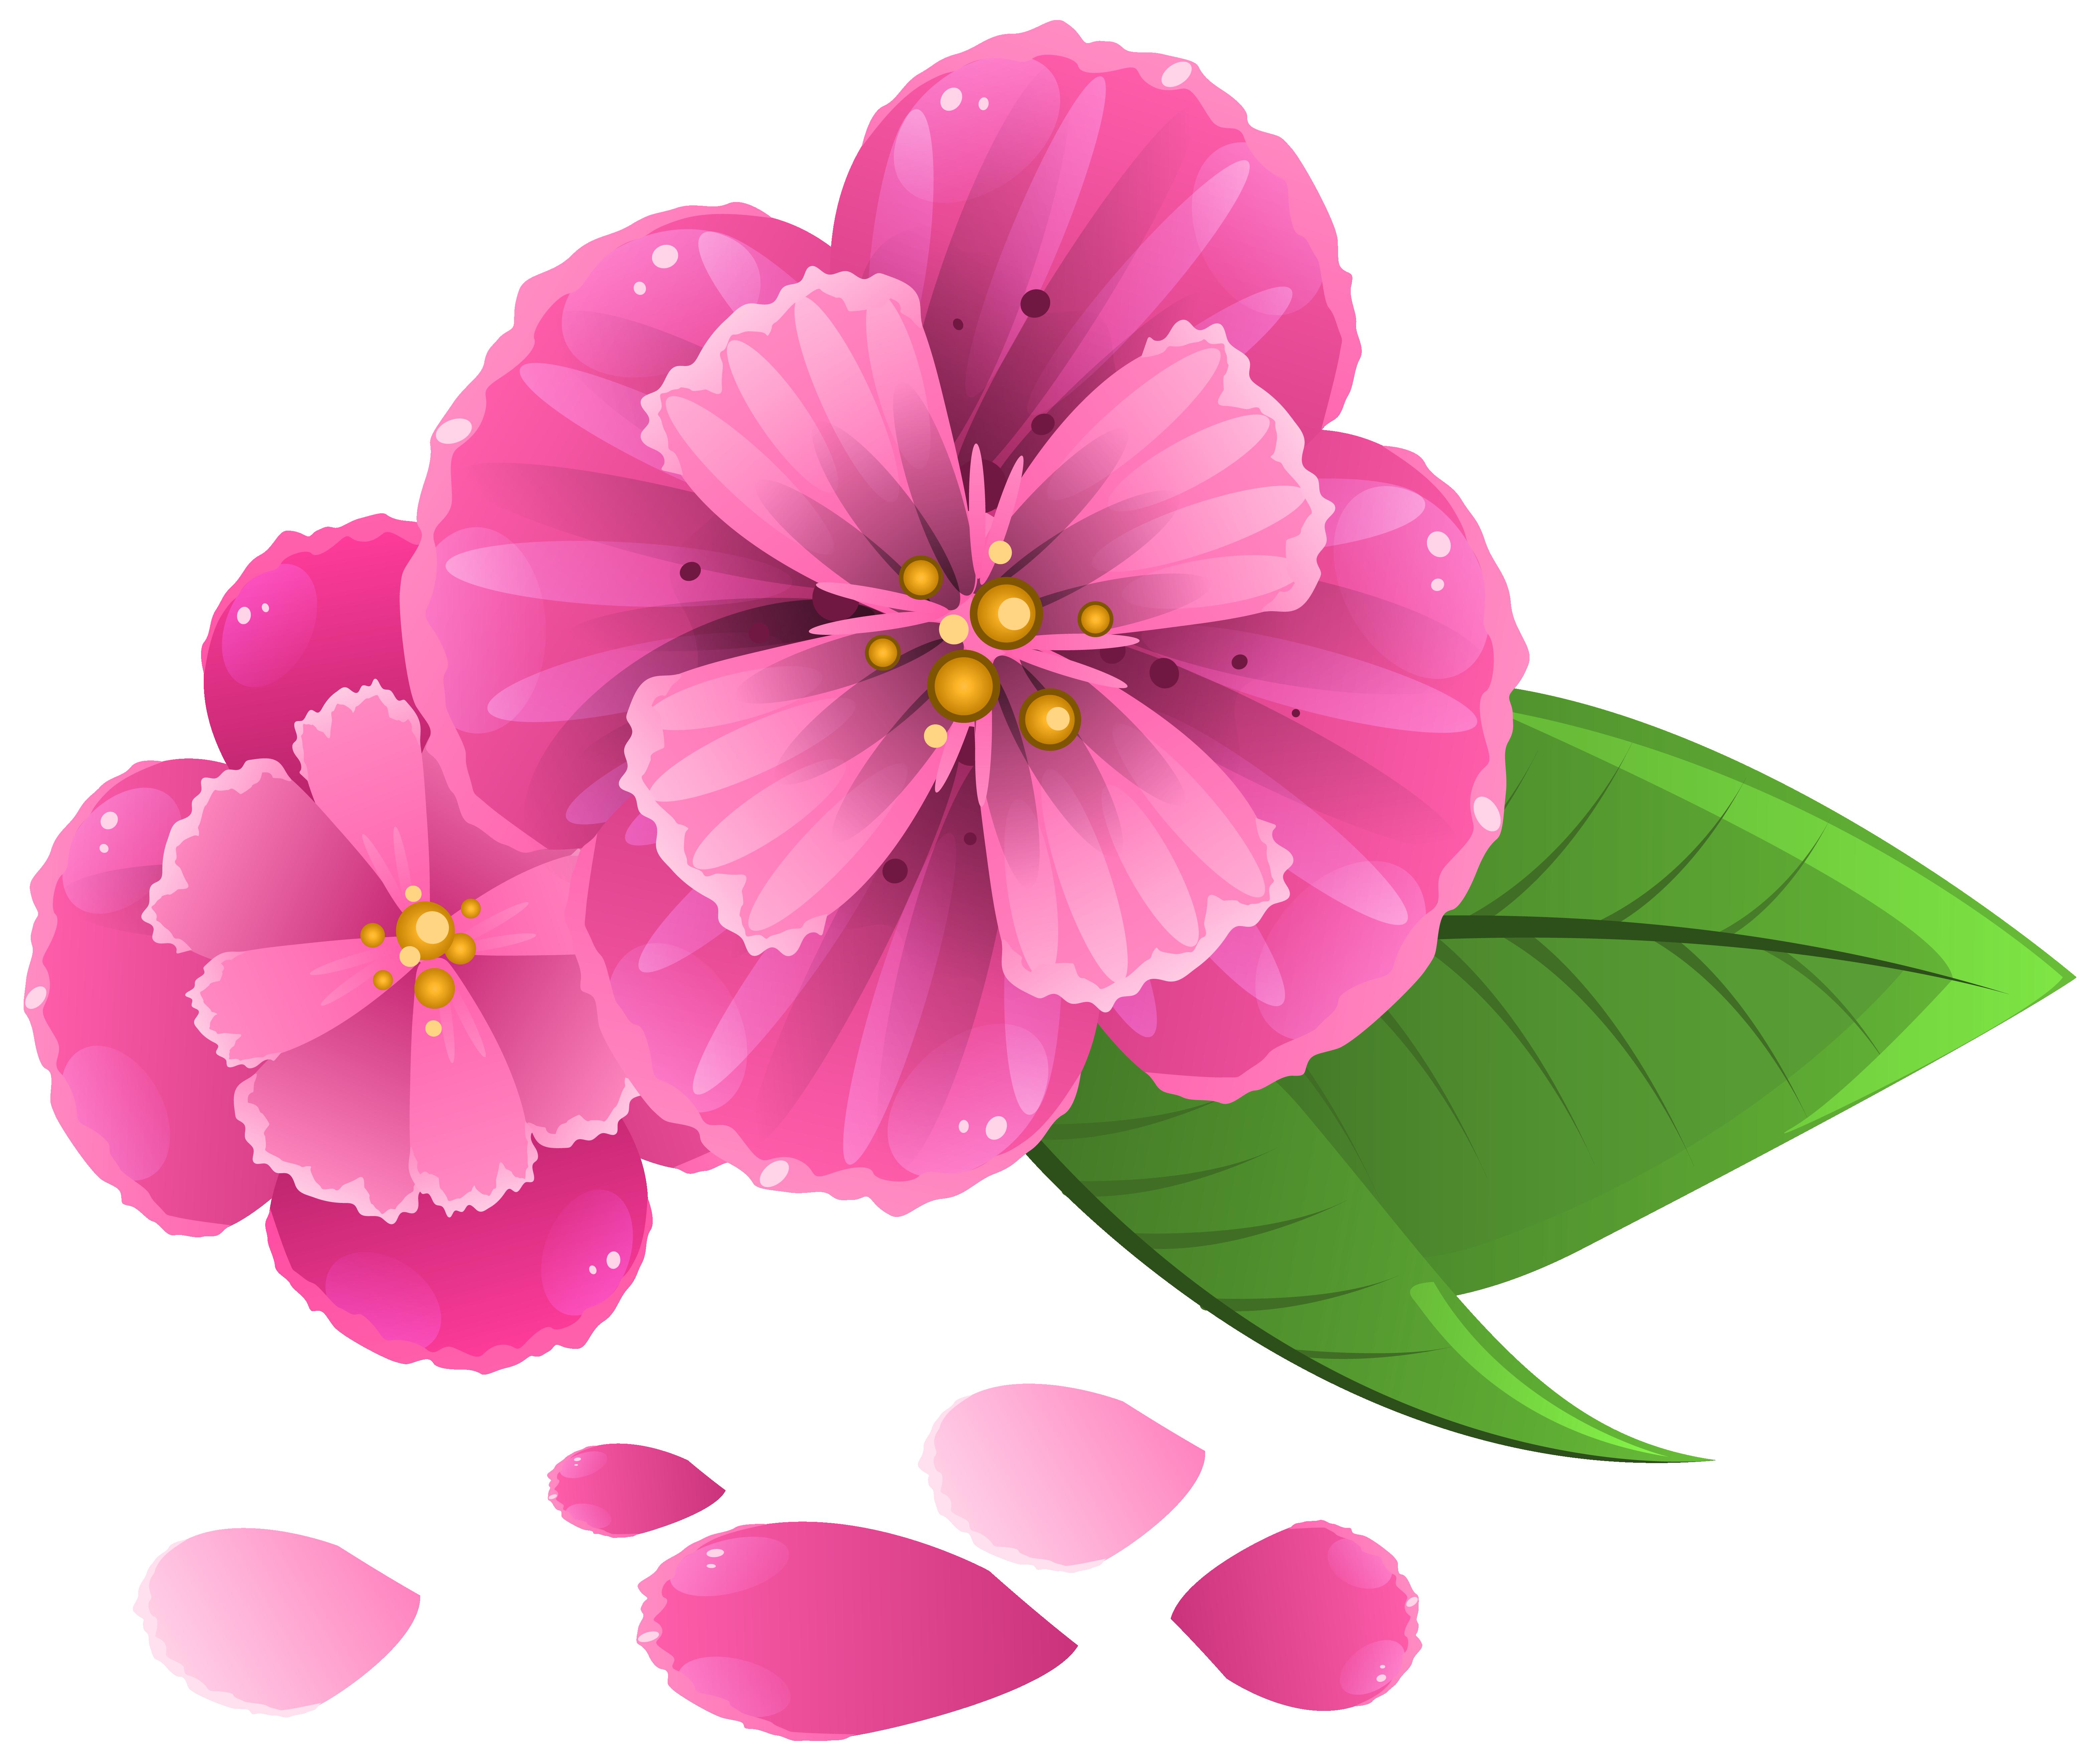 Petals clipart #7, Download drawings